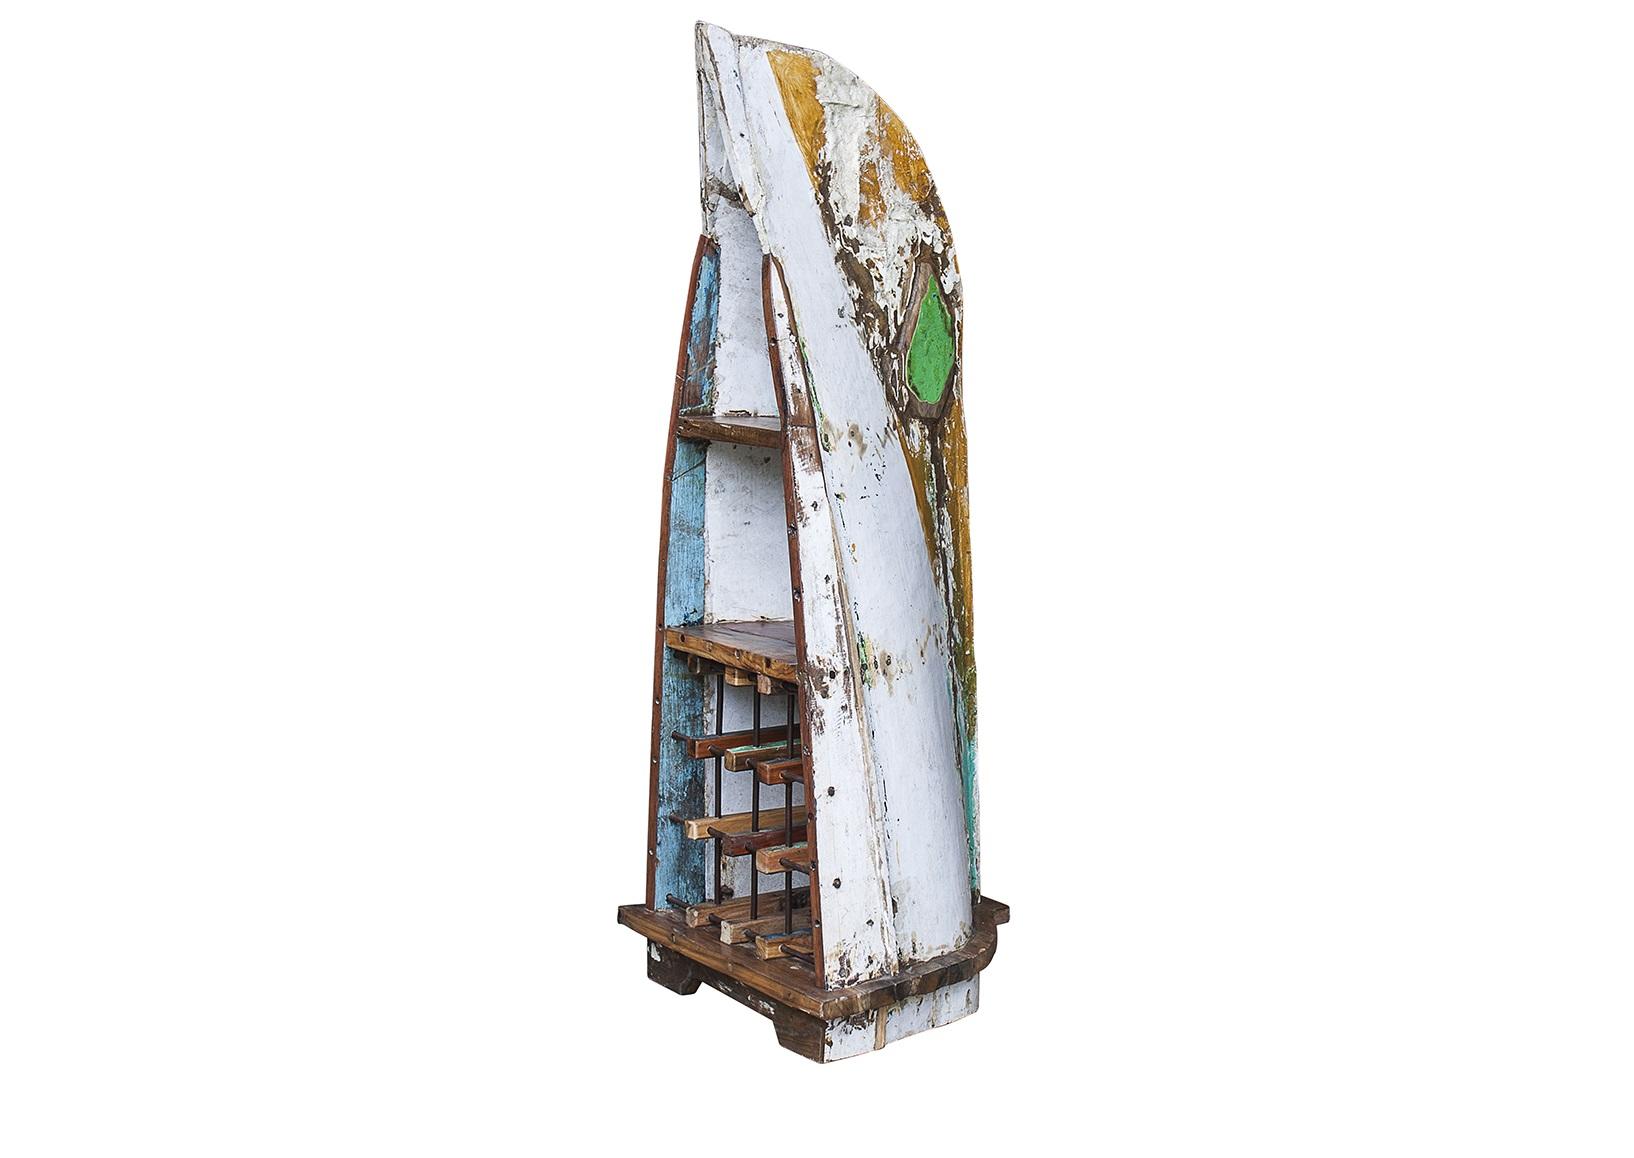 Винный шкаф малый СедовВинные шкафы<br>Винный шкаф, выполненный из старой рыбацкой лодки классической правильной формы с сохранением оригинальной многослойной окраски.<br>Хранит до 15 бутылок. <br>Подходит для использования как внутри помещения, так и снаружи. <br>Сборка не требуется. <br>Покрытие: шеллак <br>Материал: массив тика (махогони, суара)<br><br>Material: Тик<br>Ширина см: 52.0<br>Высота см: 140.0<br>Глубина см: 55.0